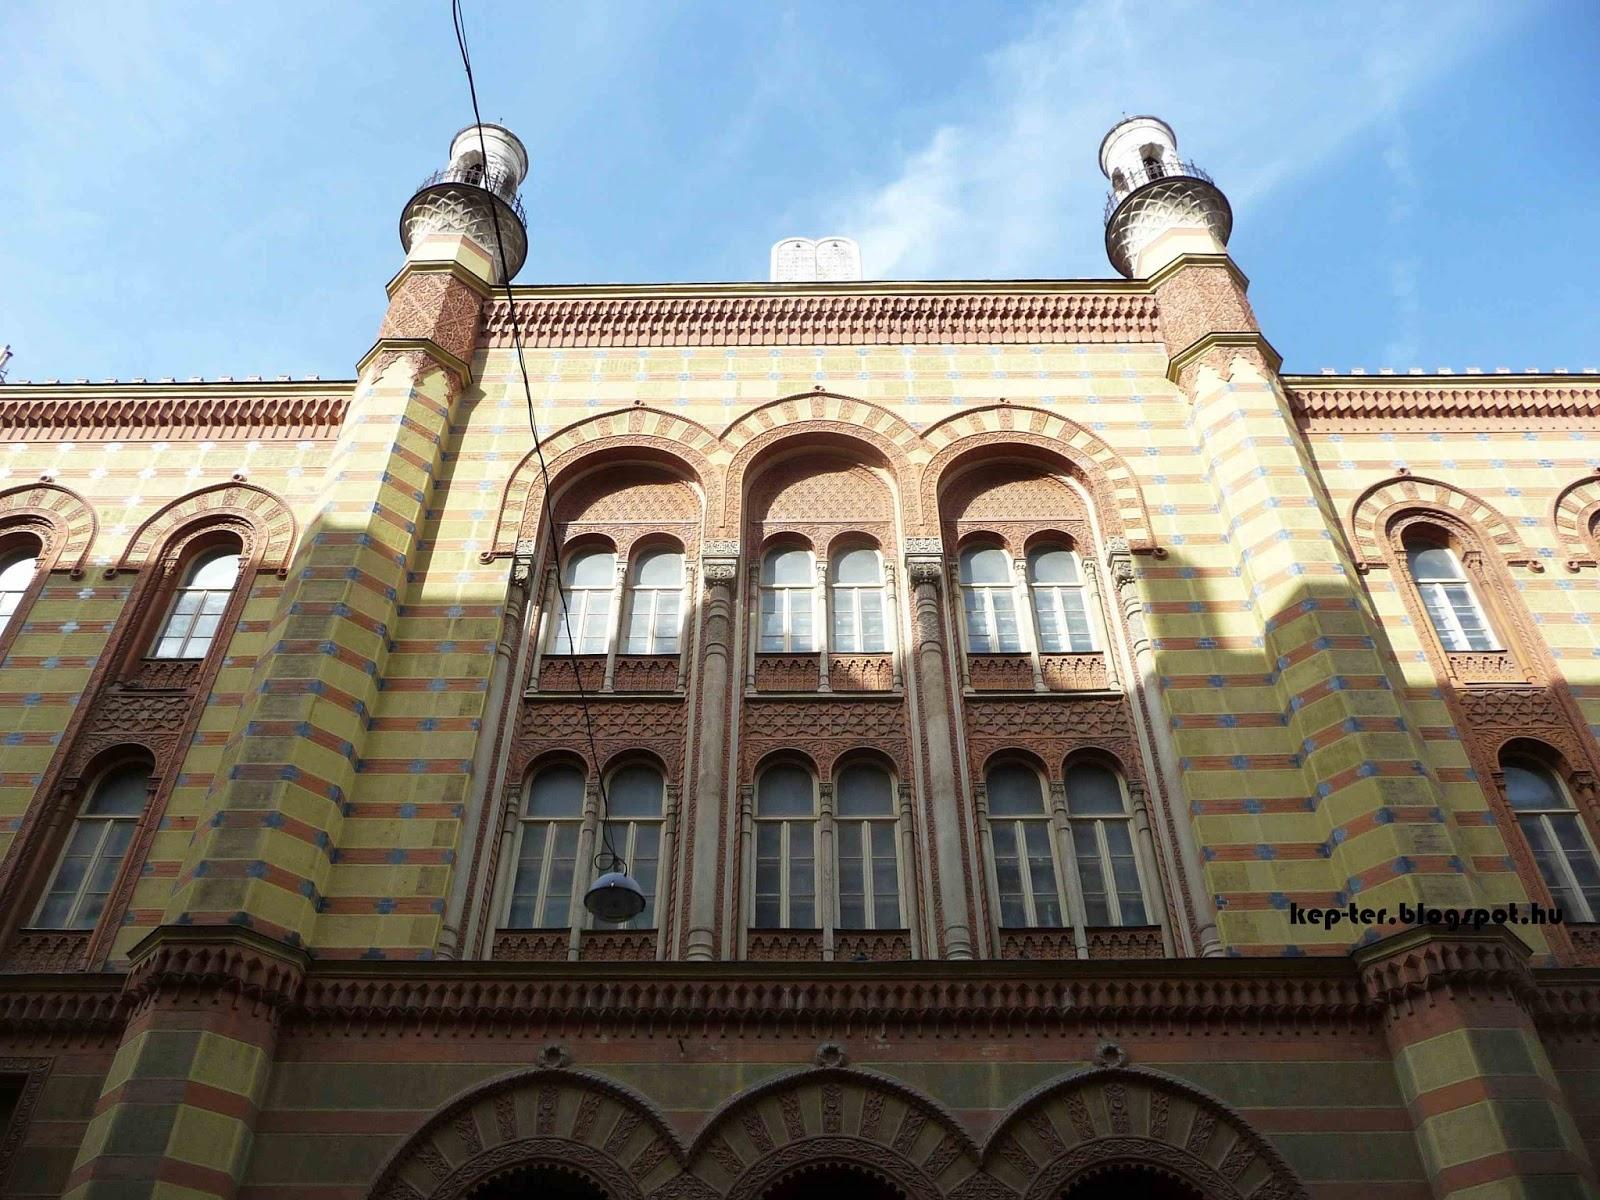 4-a-rumbach-utcai-zsinagoga-ahol-az-egyutteles-haza-kapna-helyet